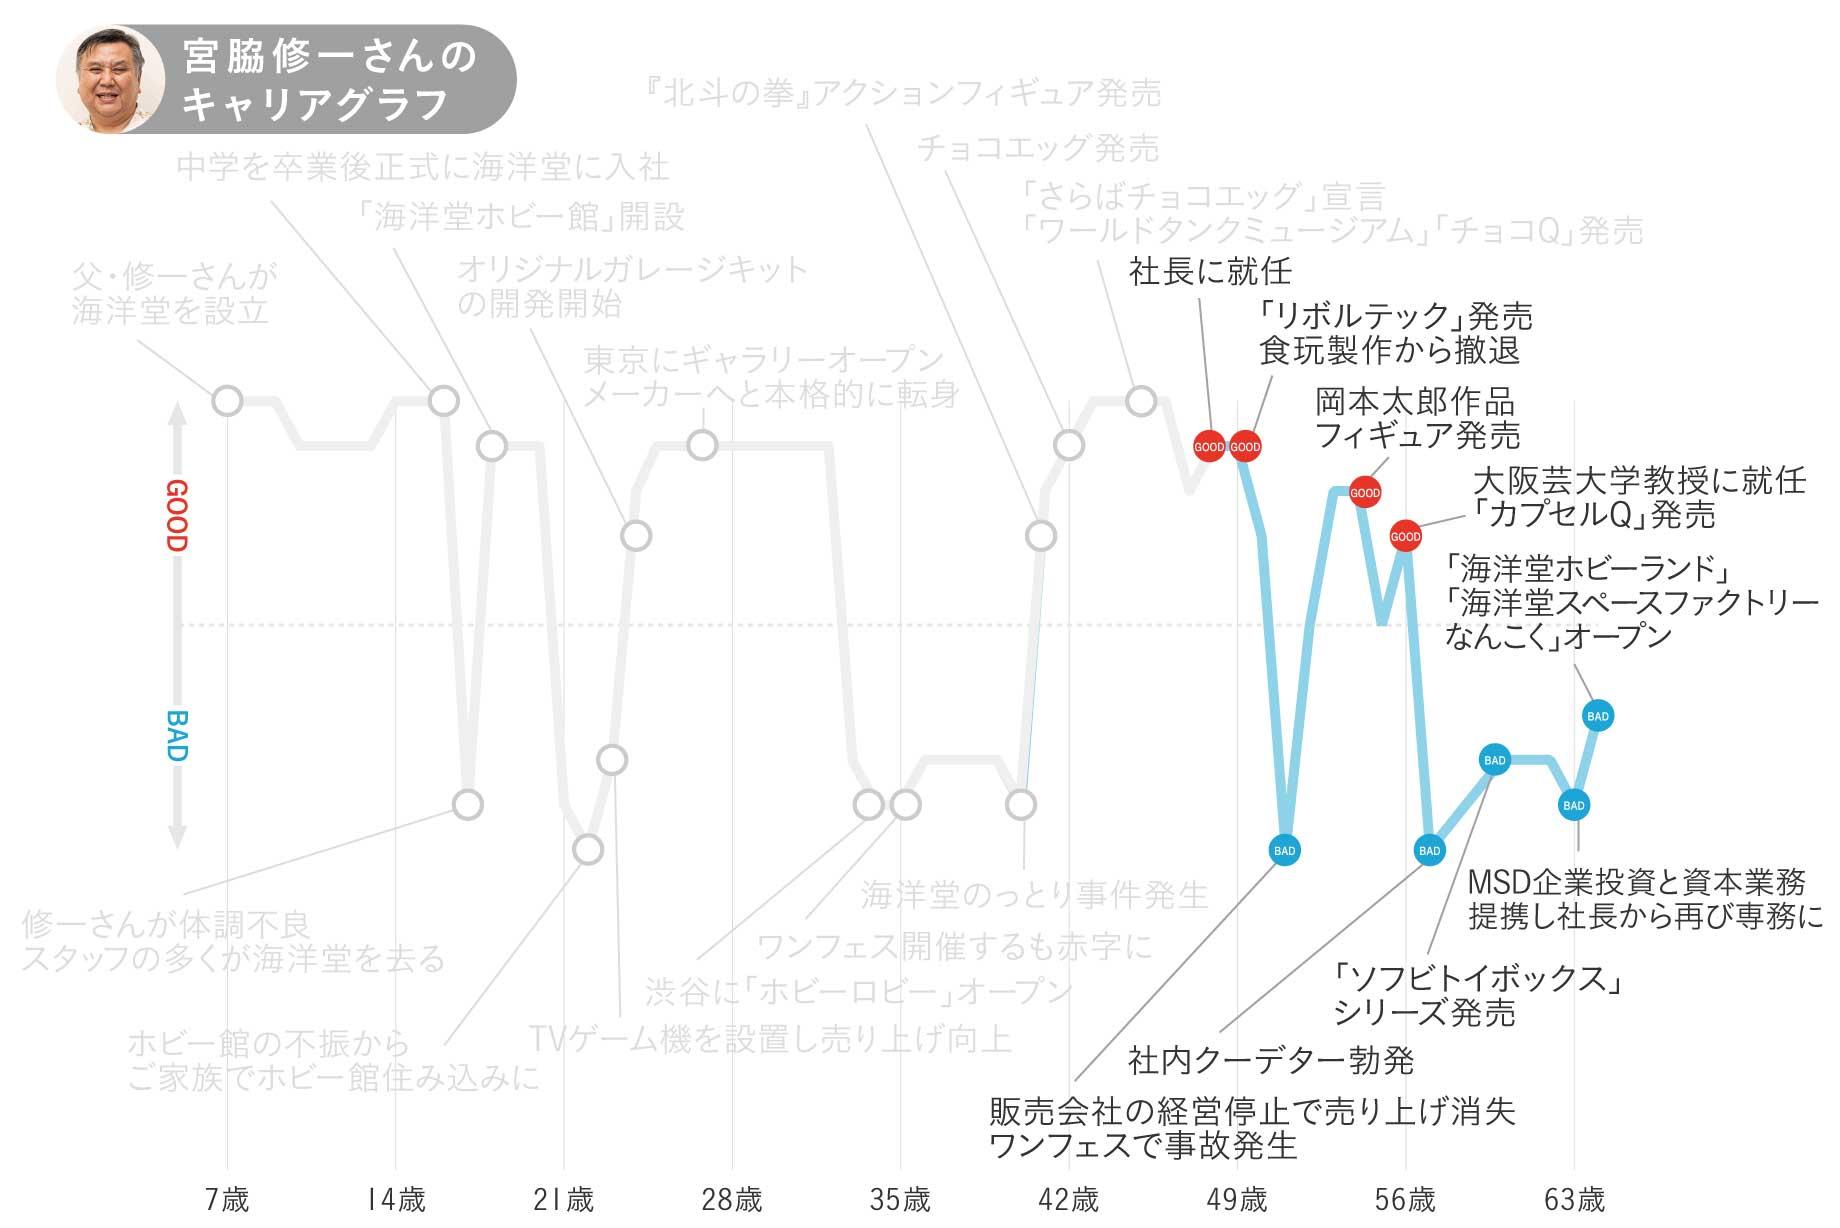 海洋堂・宮脇修一さんのキャリアグラフ4